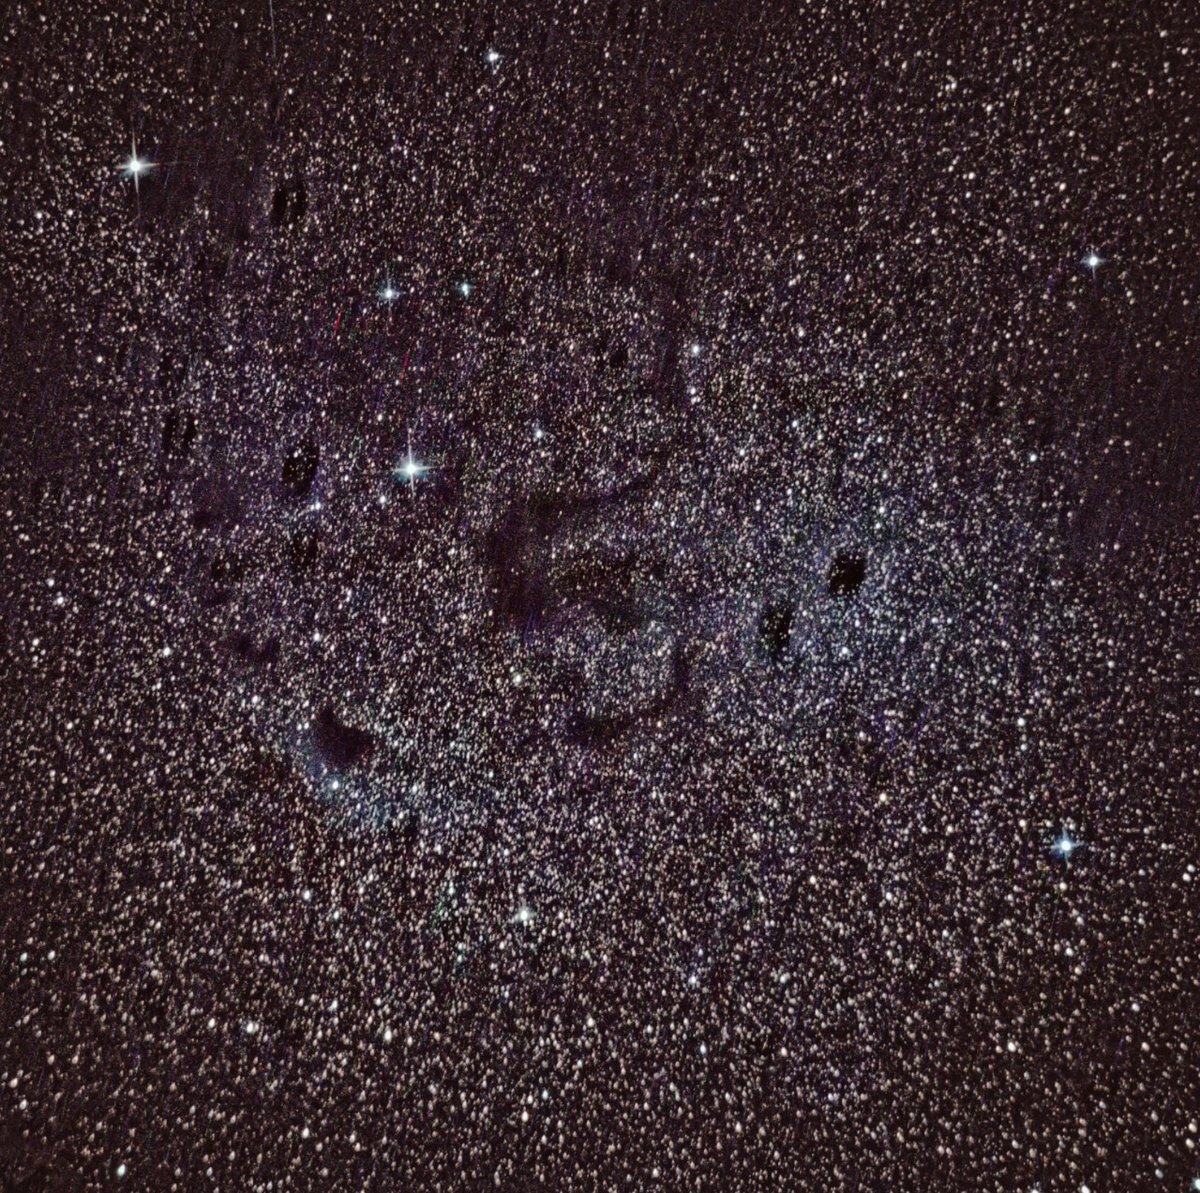 #Barnard72 luego de una hora de exposición con una Nikon D600 son algunas basuras en el sensor.  #Skywatcher 150/750 Iso 1600 https://t.co/eHN9DDj8ND